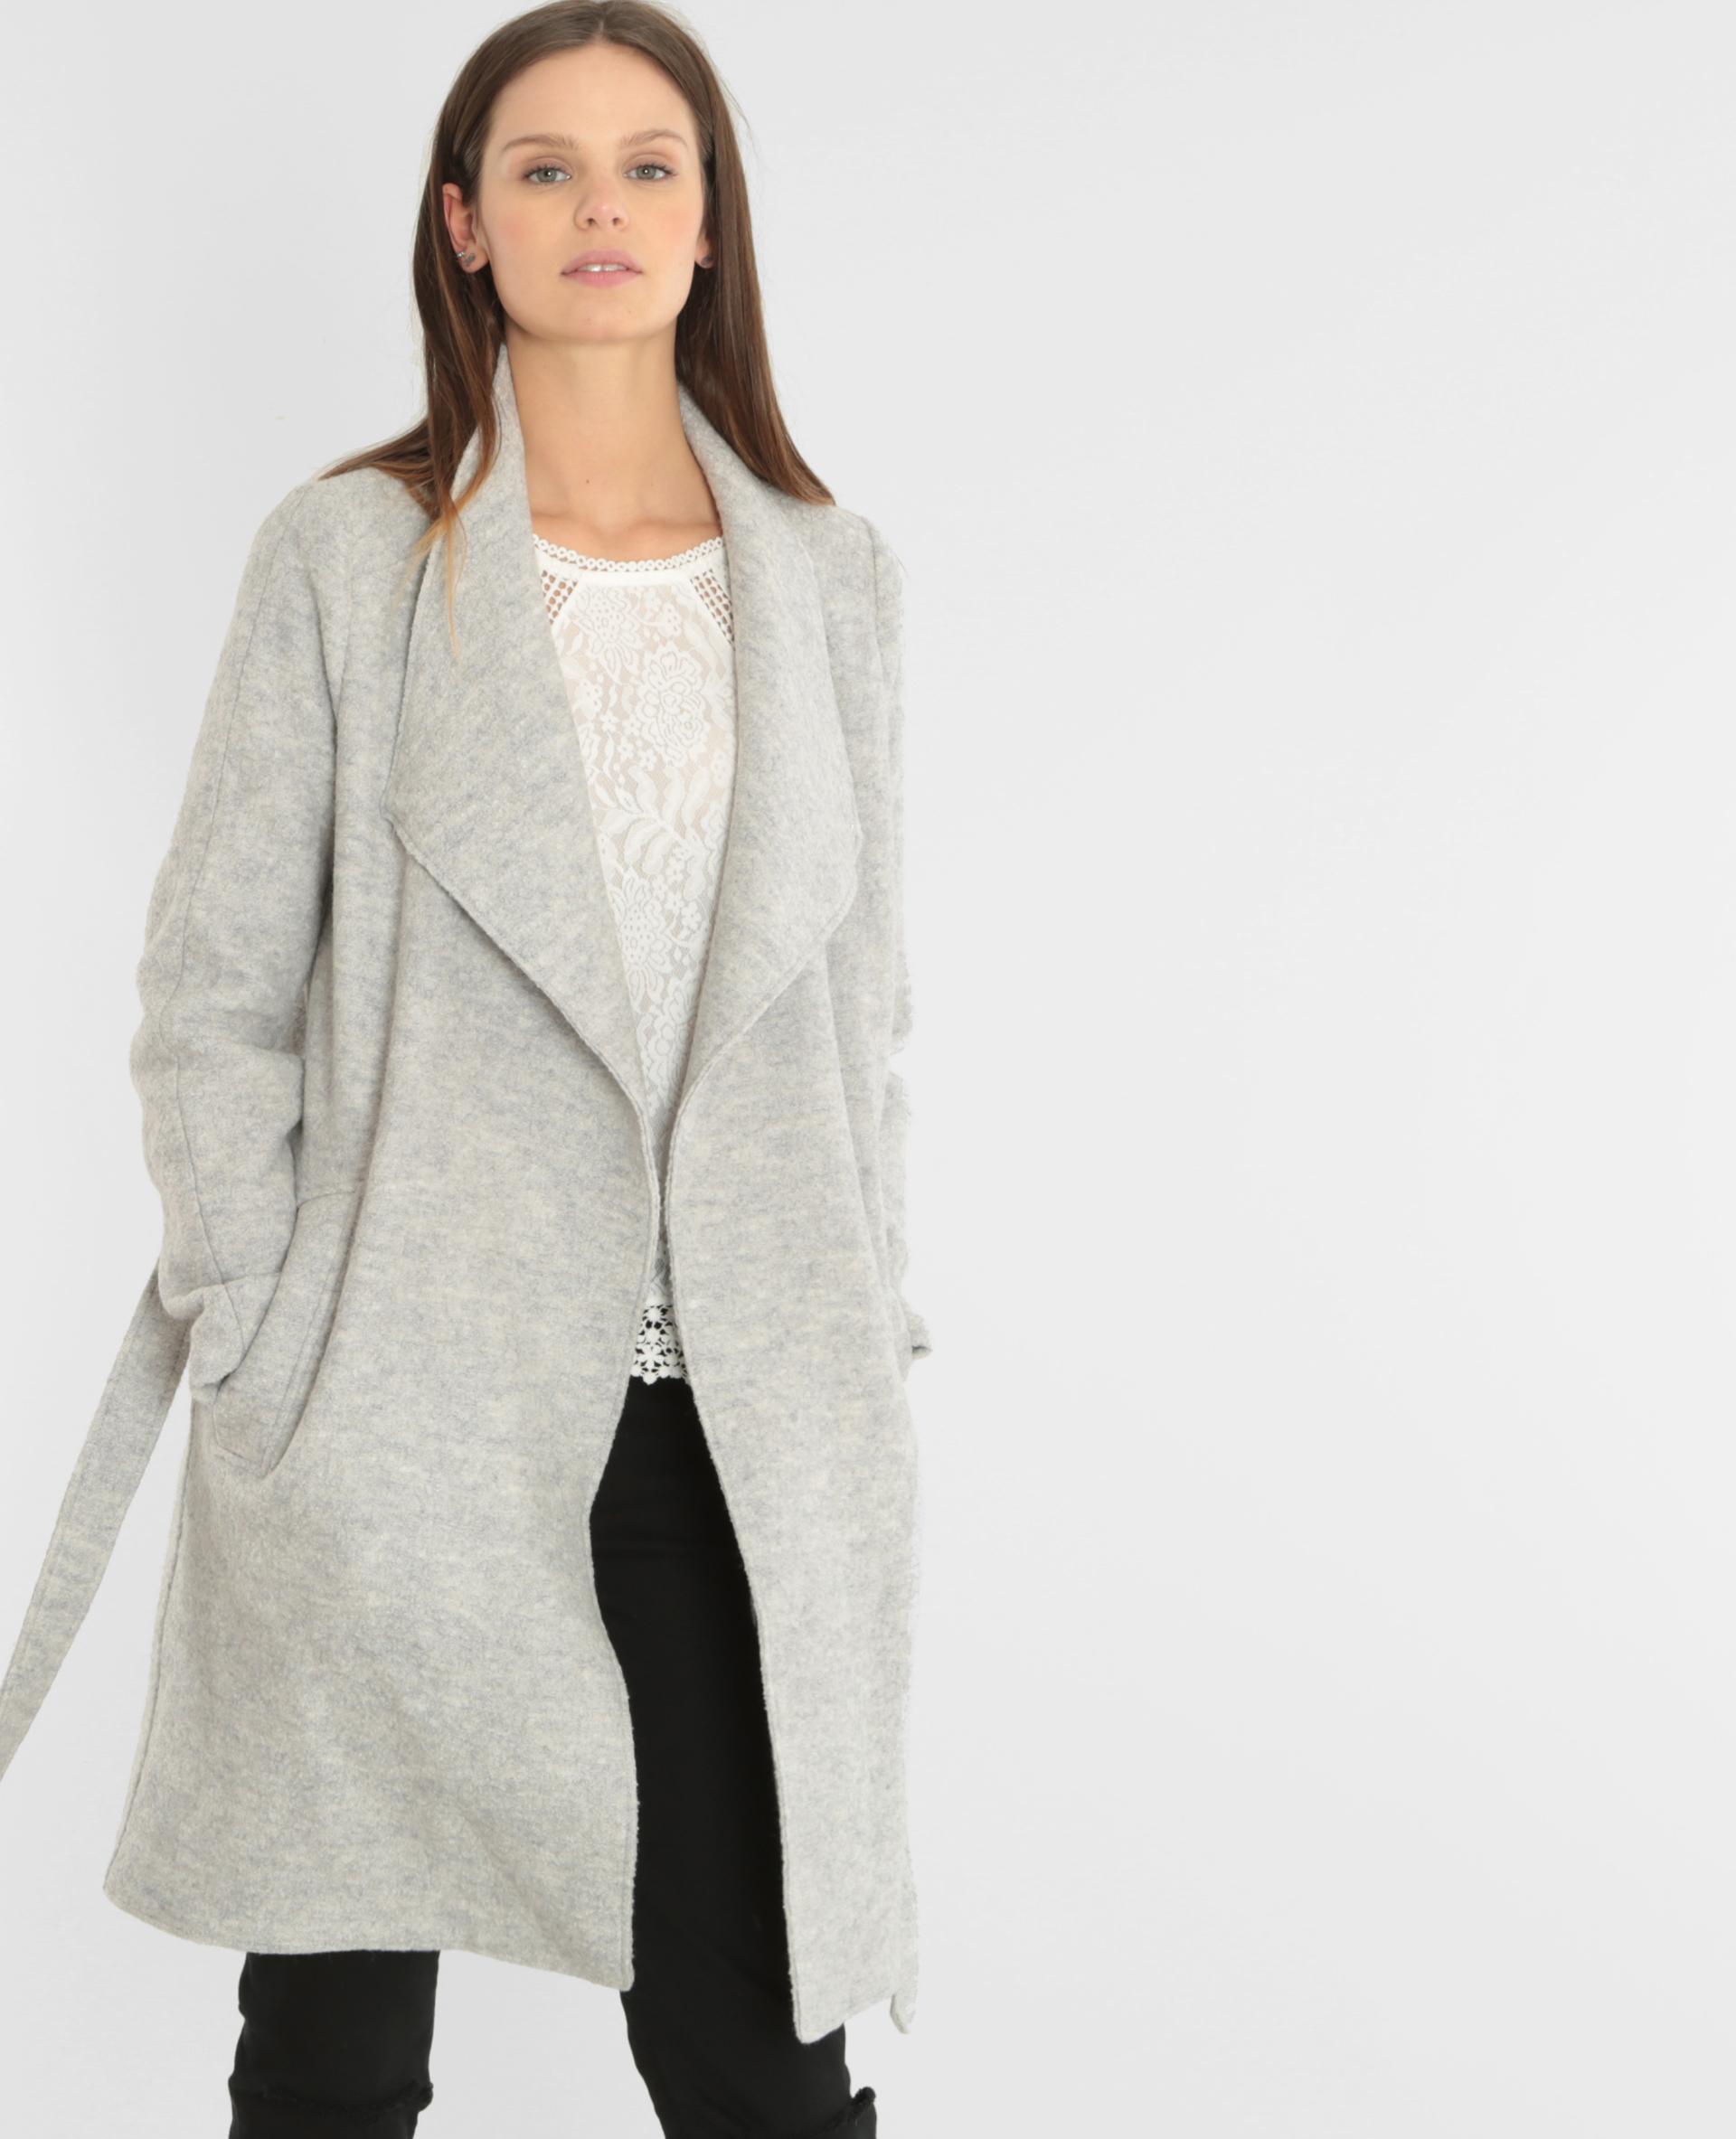 Manteau pour femme pimkie